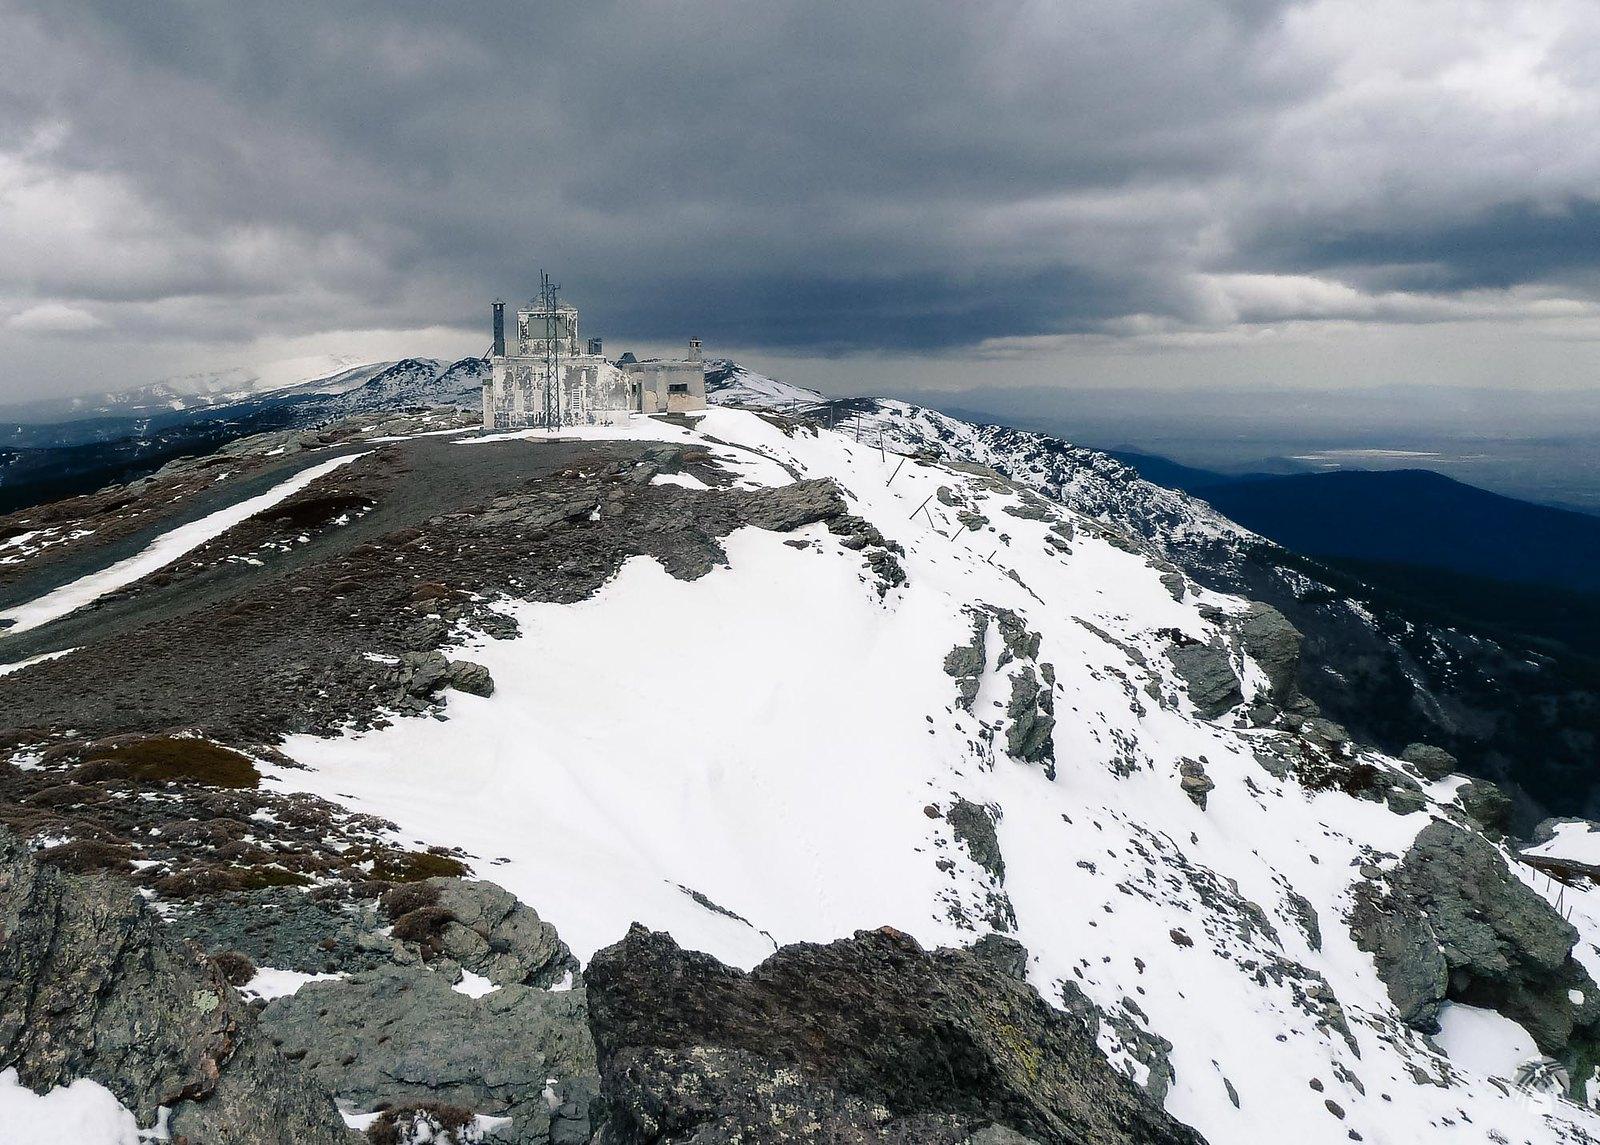 Aspecto de la cumbre y el temporal que se acerca